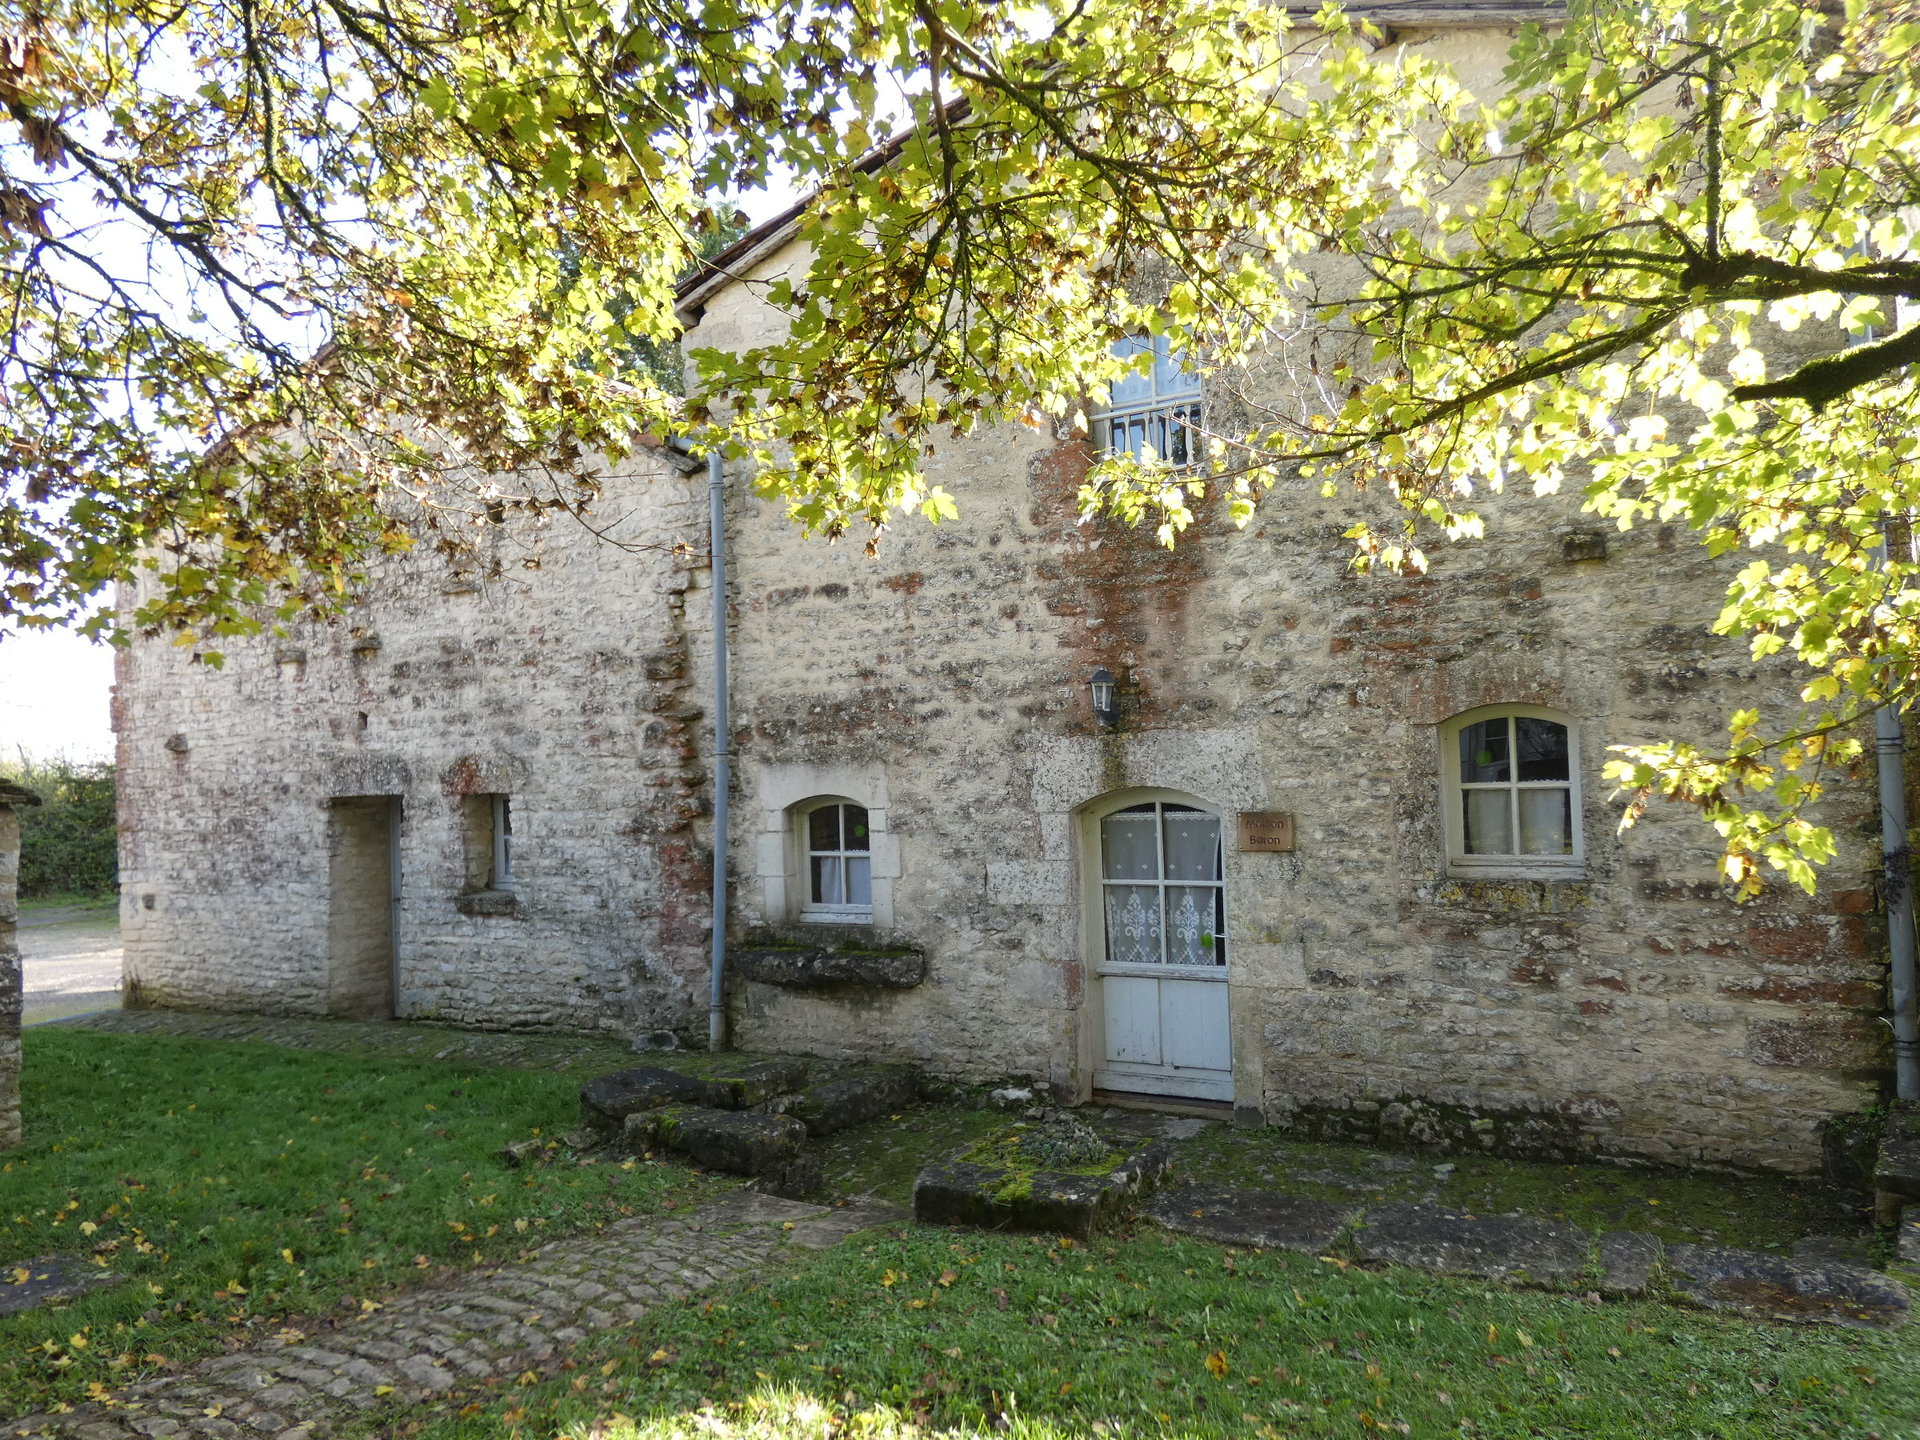 Hameau du XVIII siecle